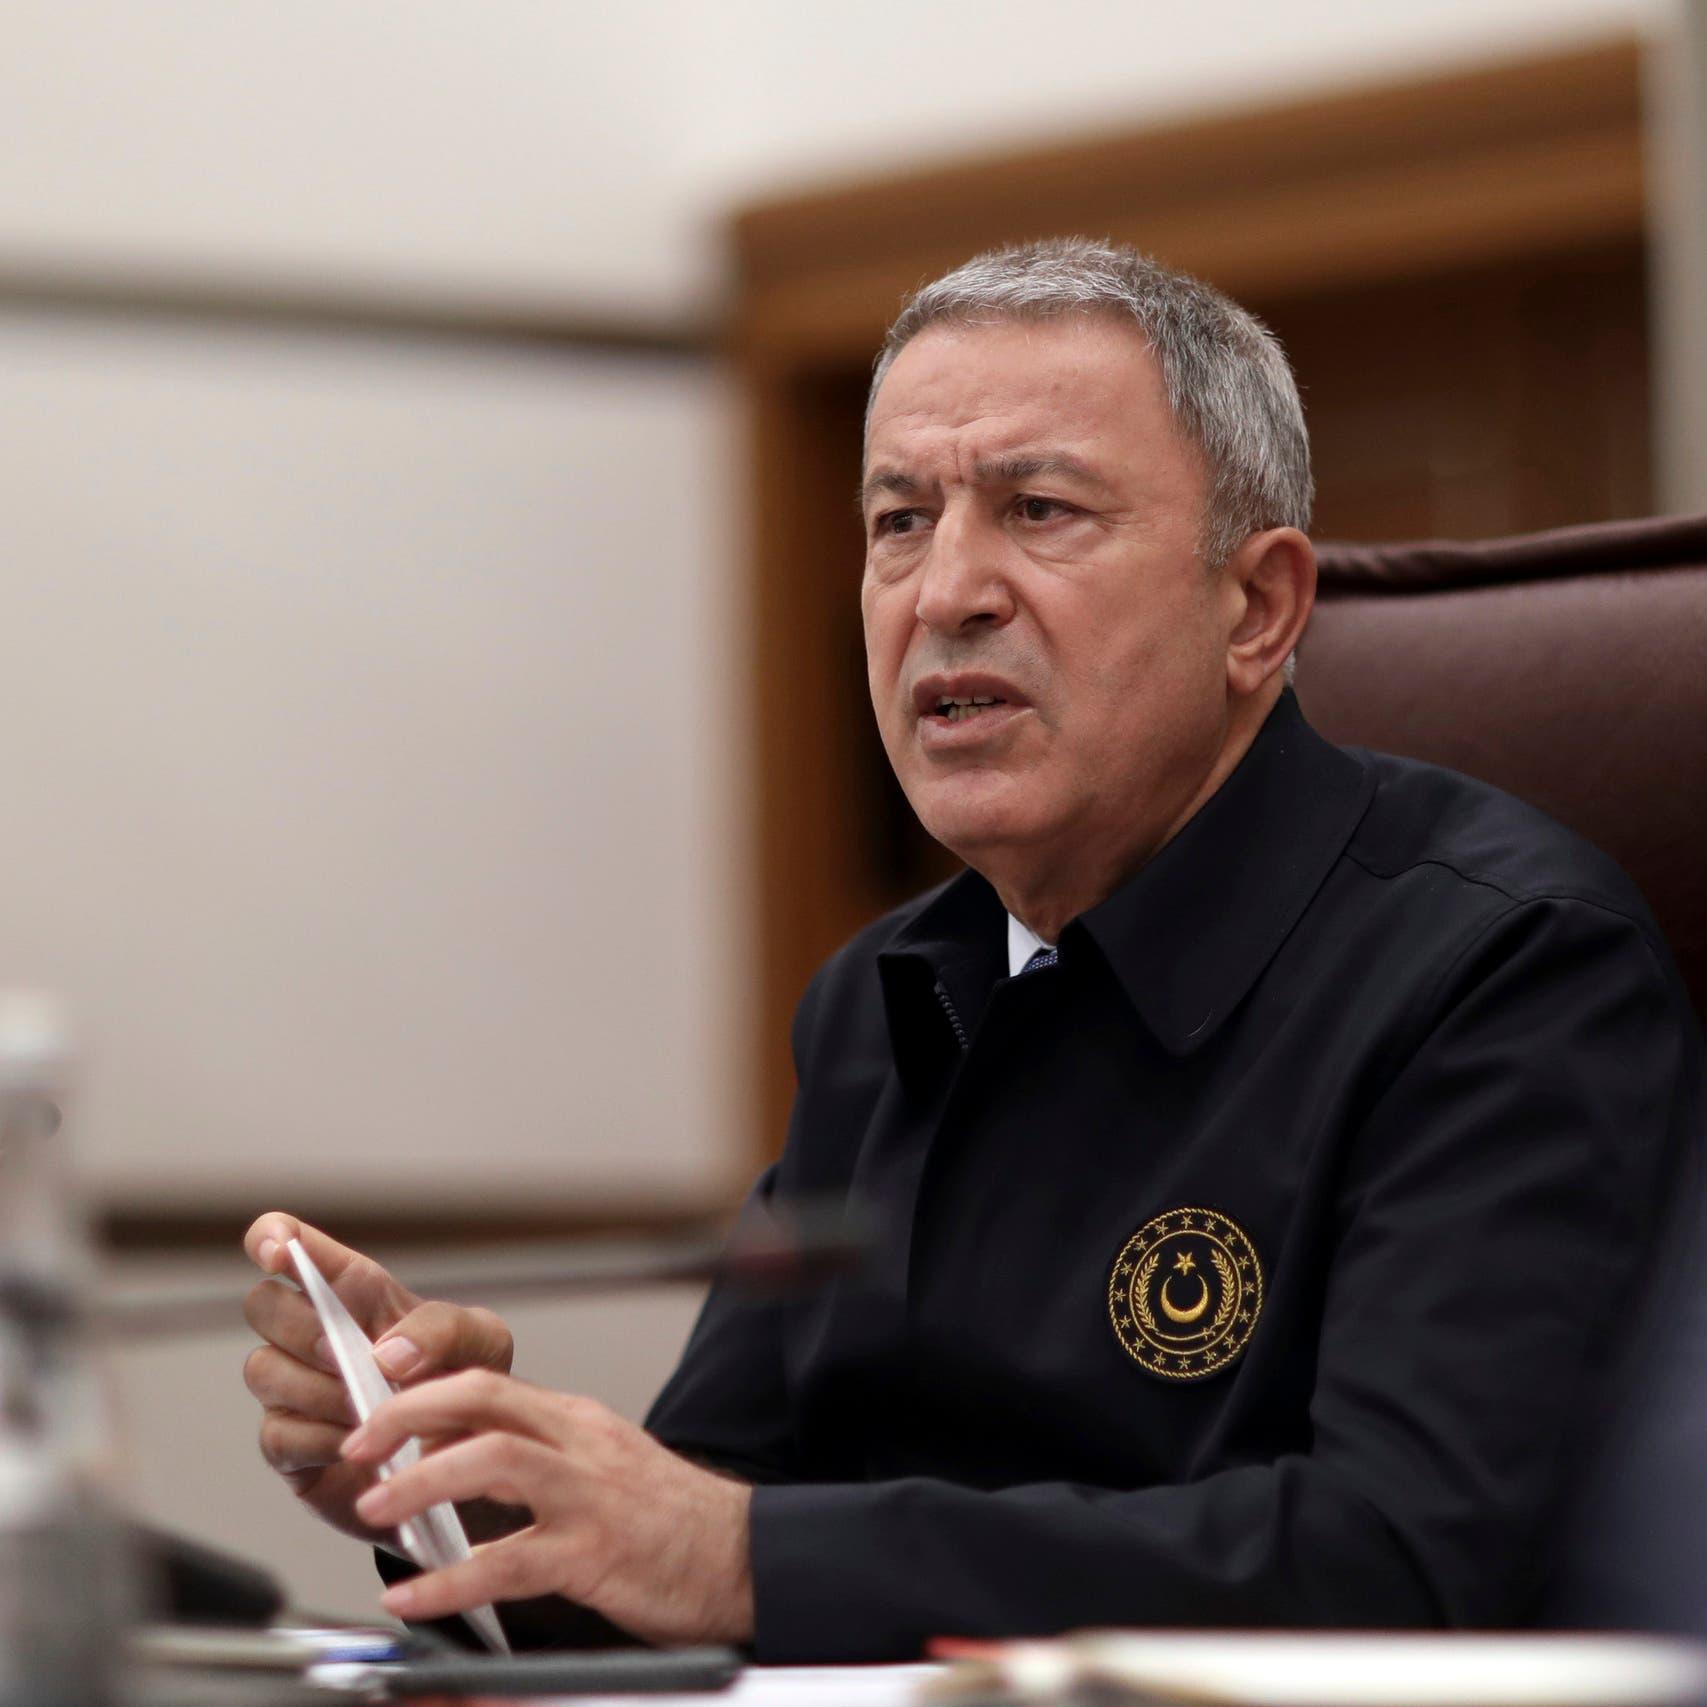 وزير دفاع تركيا: هدنة ليبيا لم تنهر حتى الآن